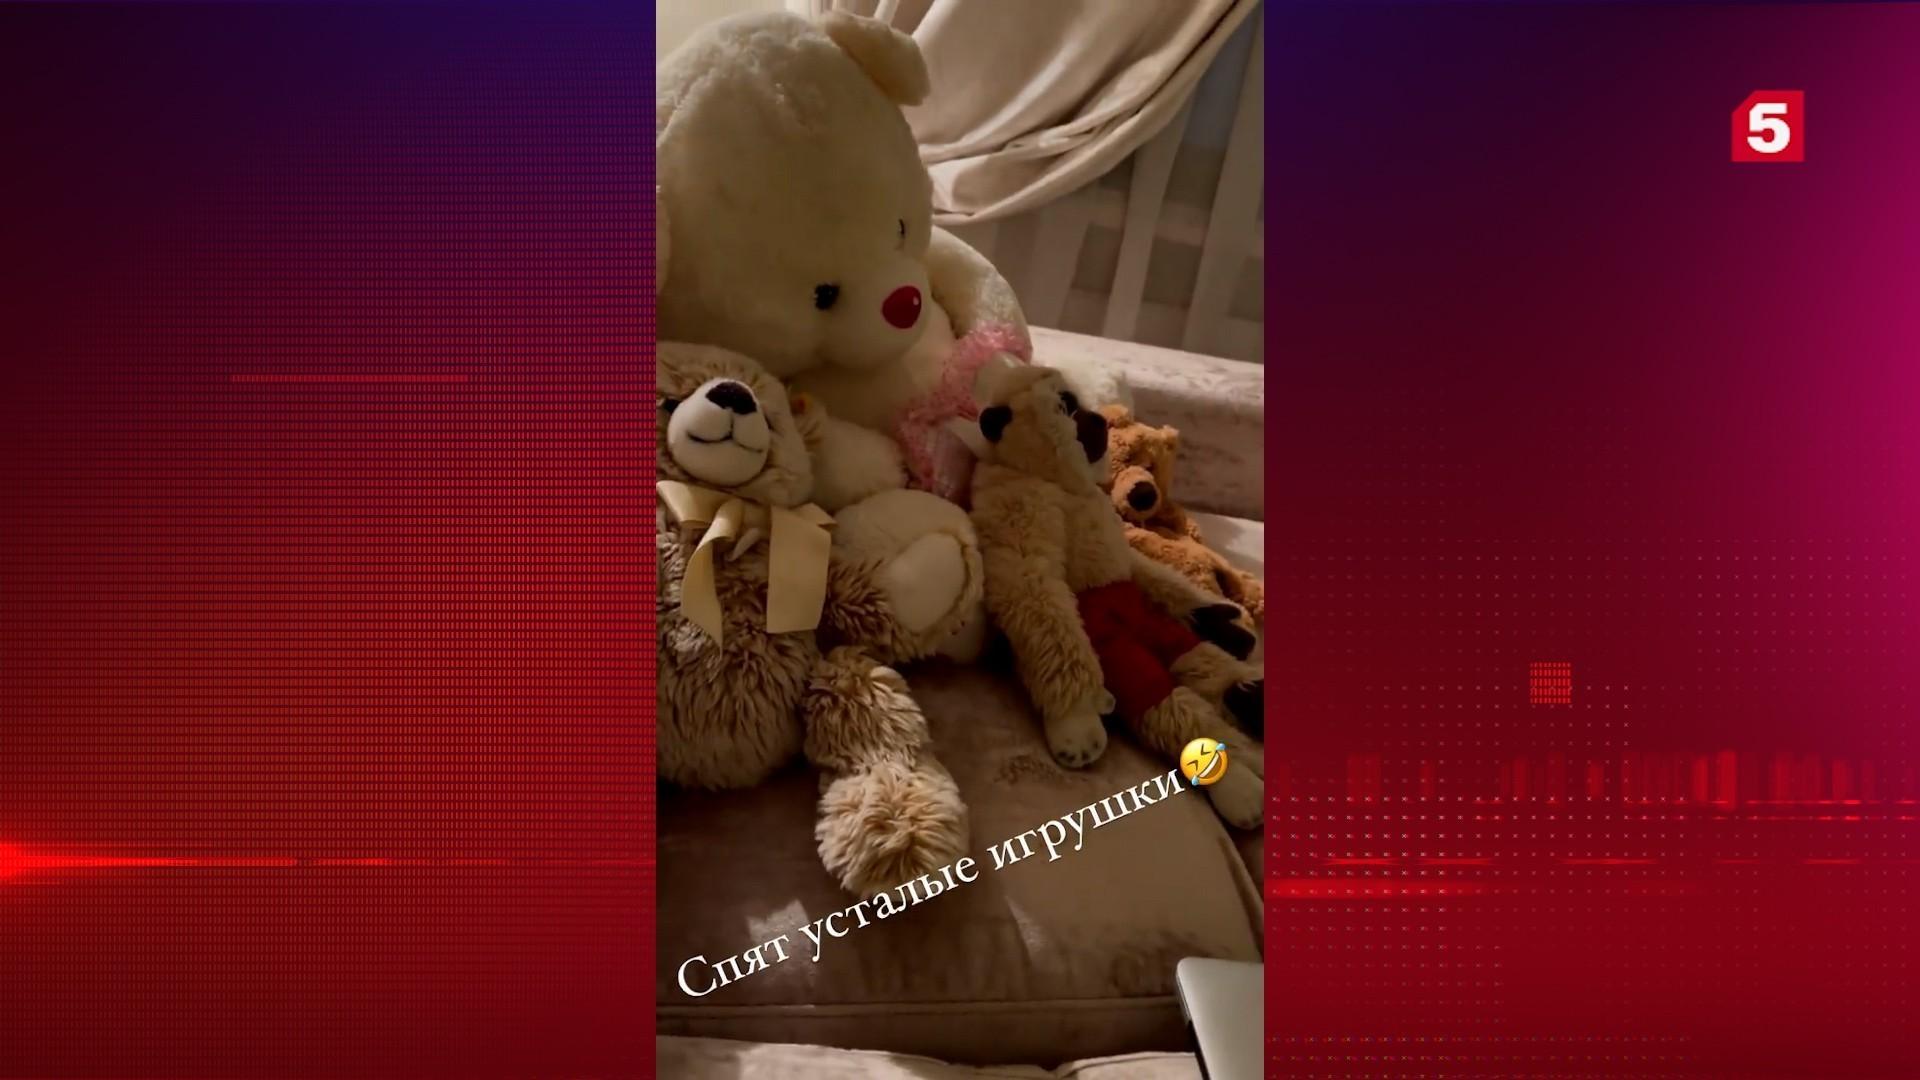 Анастасия Волочкова показала свои игрушки пользователям сети